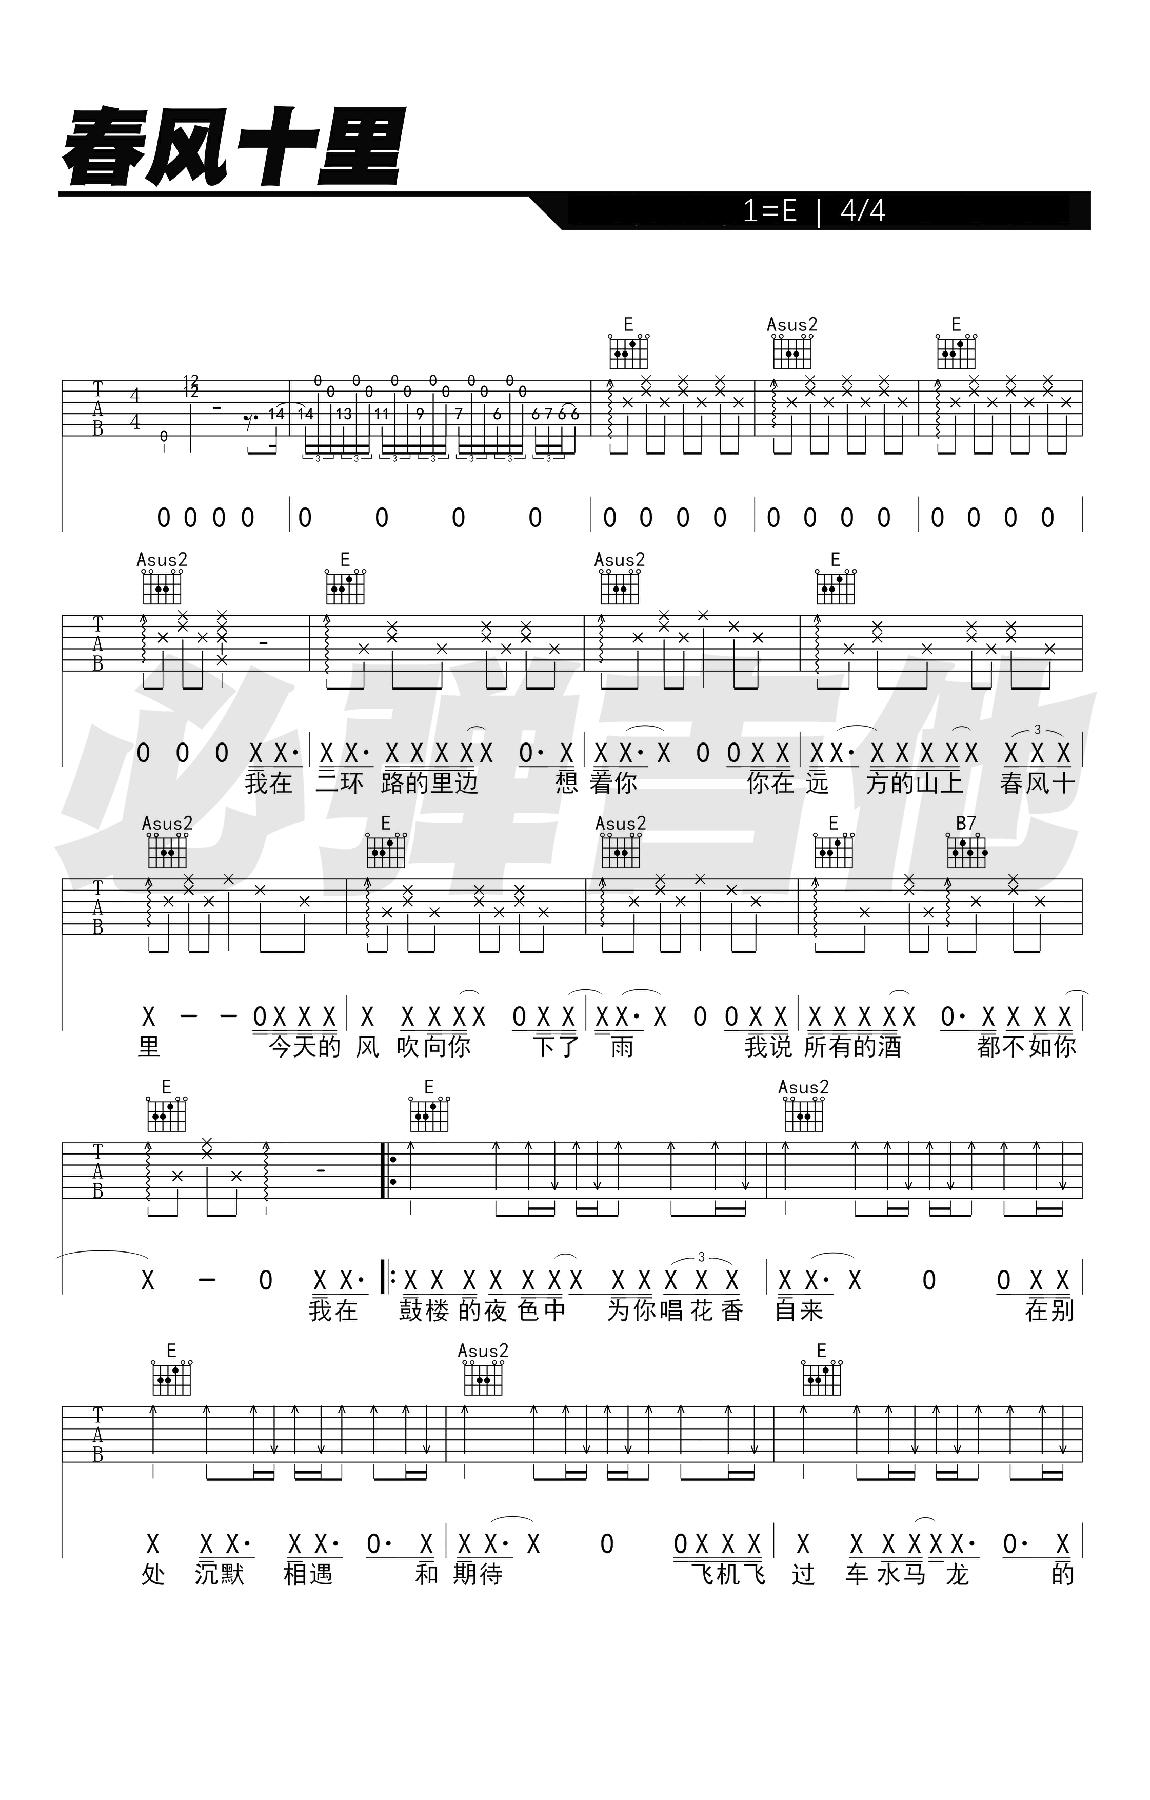 鹿先森乐队-春风十里吉他谱-1